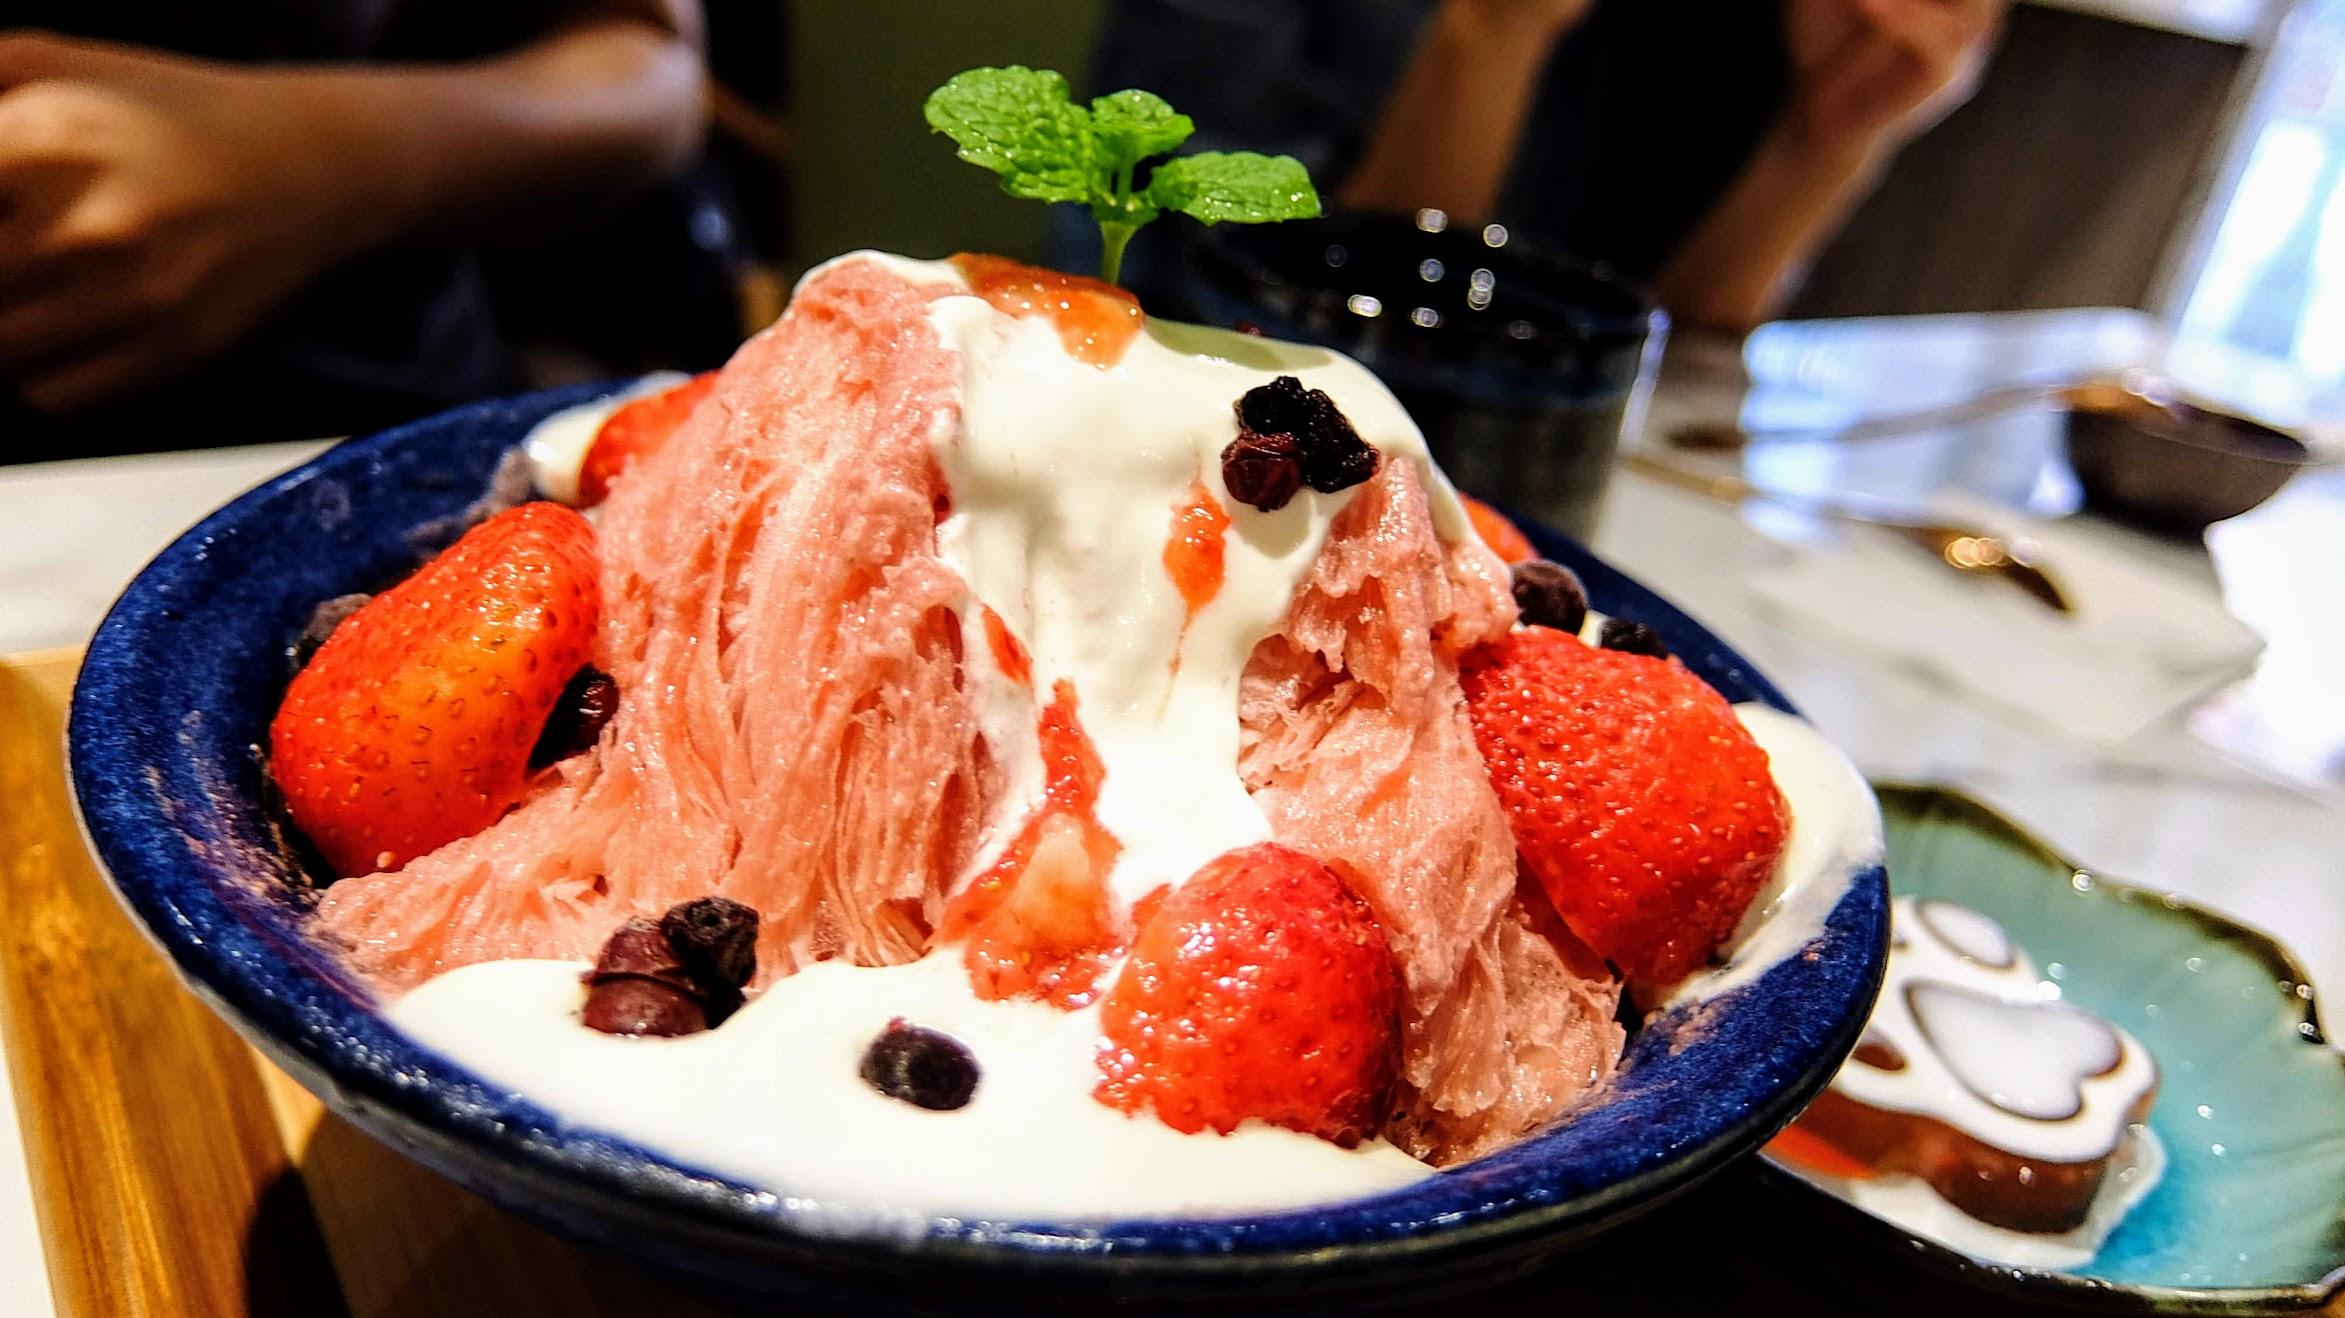 其實跟上一個冰很像,就只是換成草莓口味...